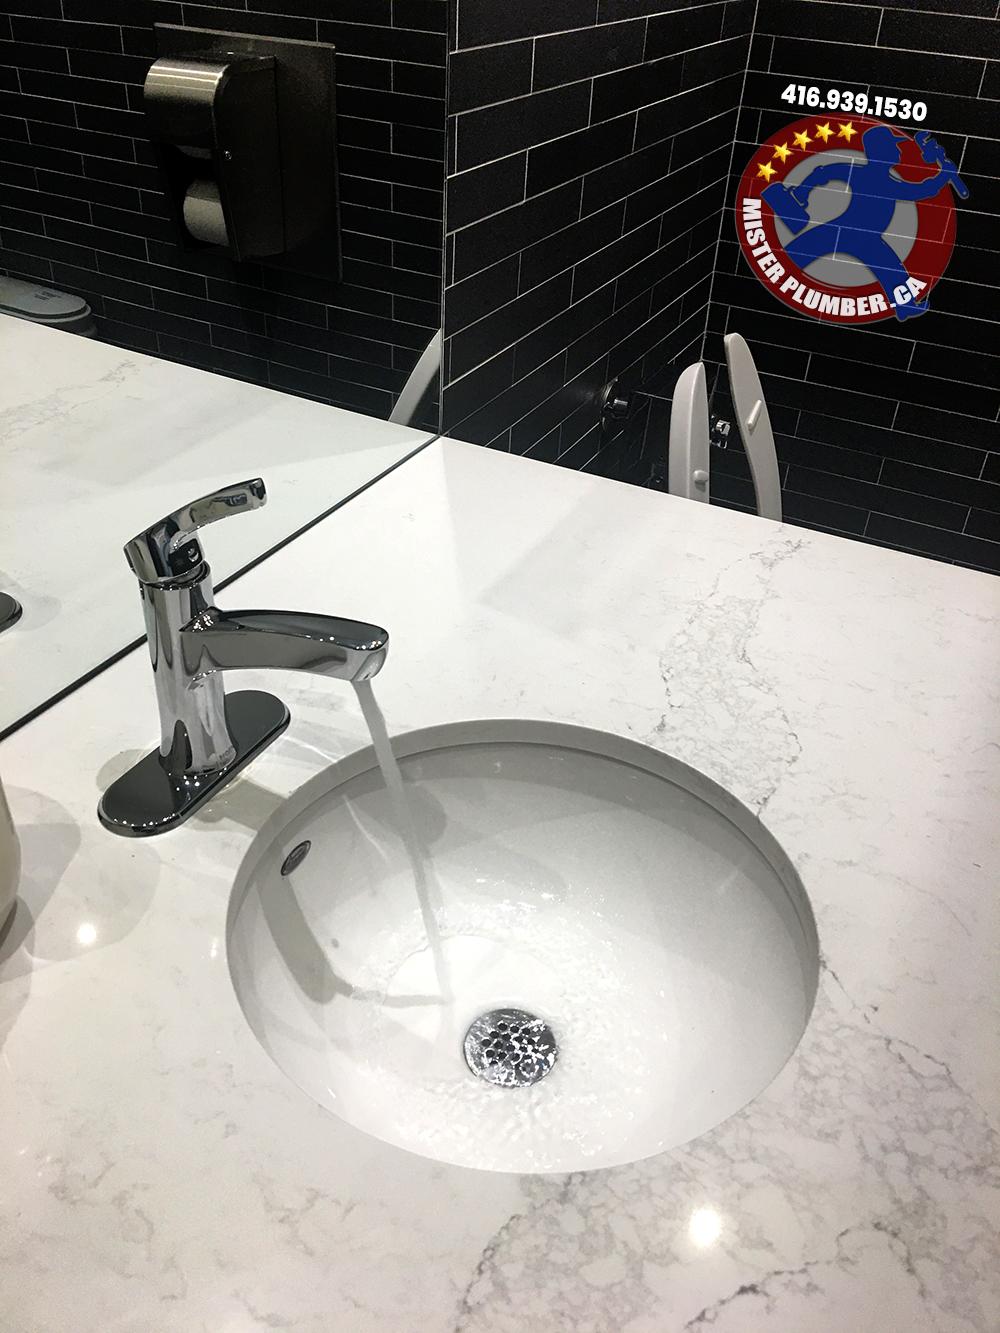 Washroom sink faucet